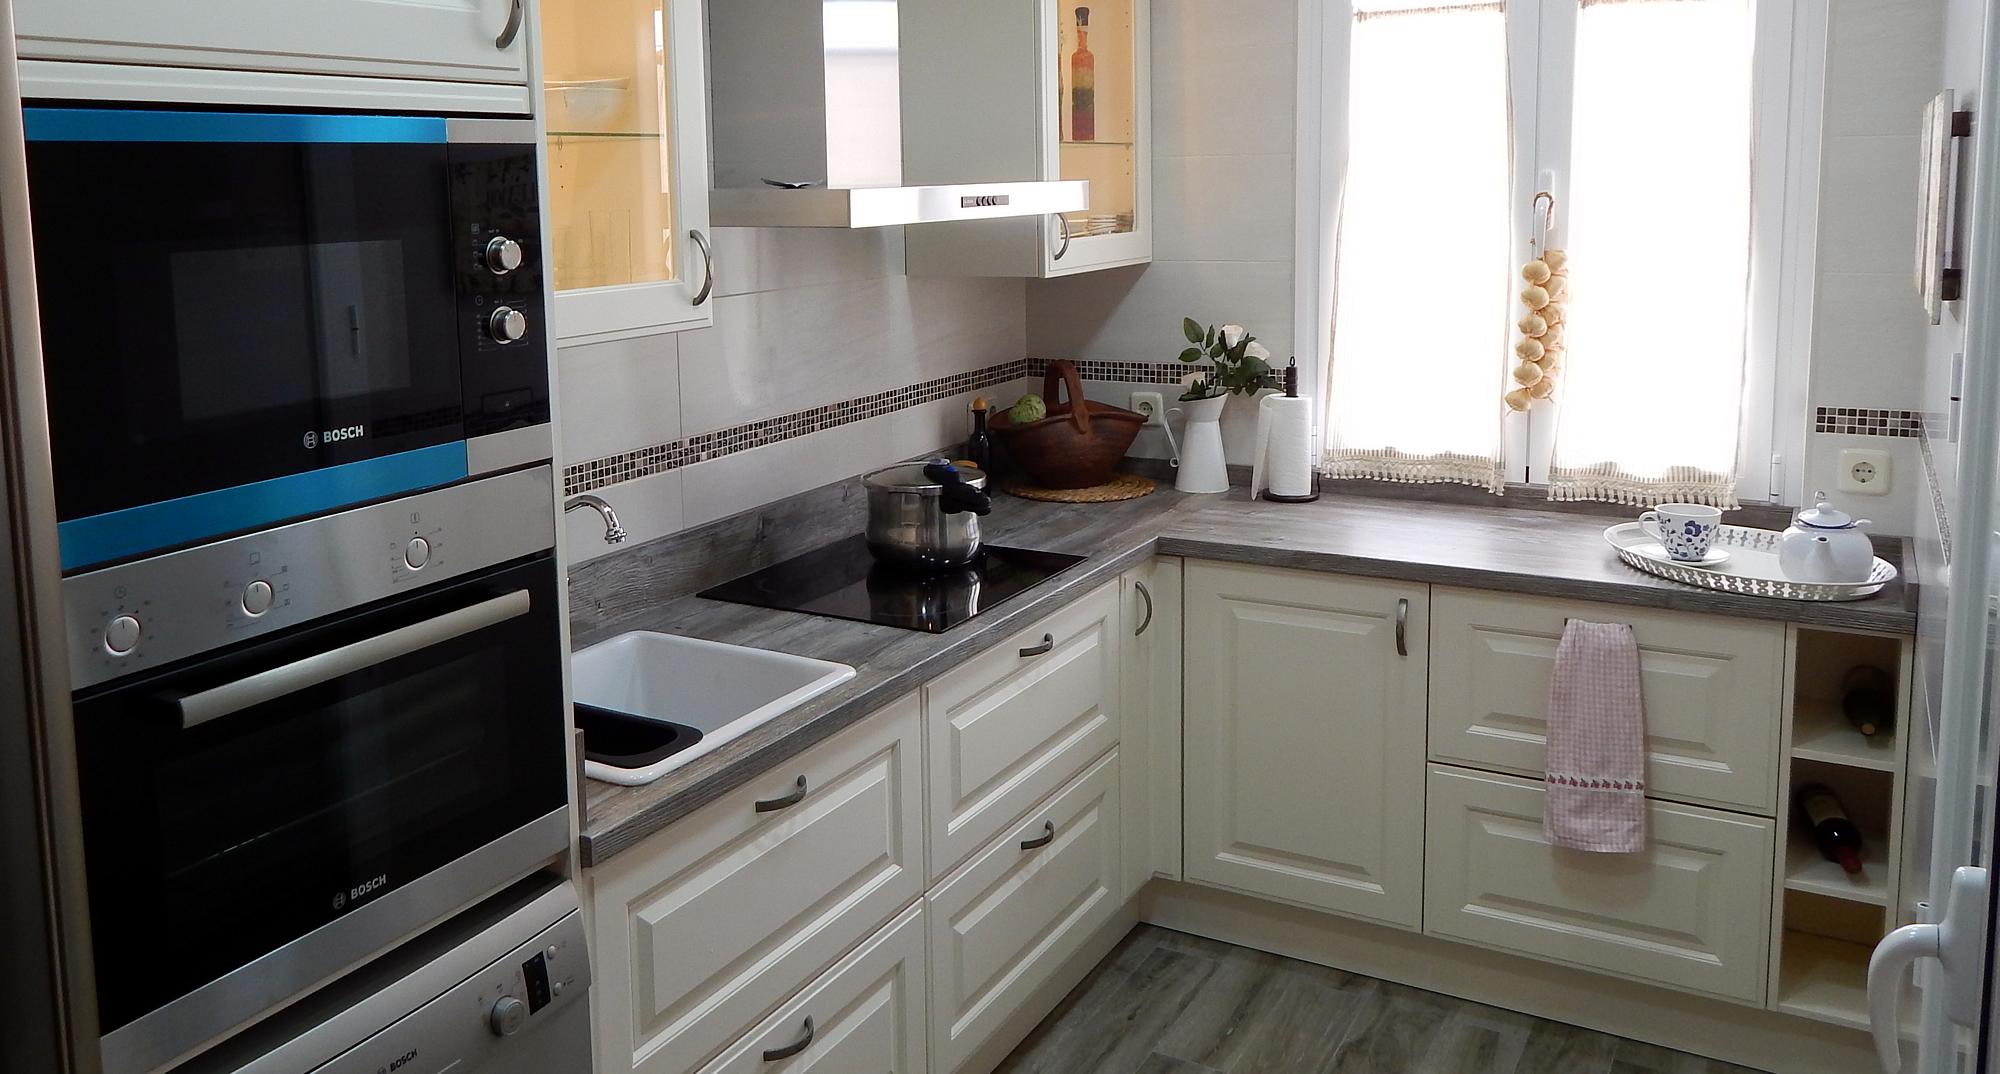 Muebles de cocina diseño clásico - cocinasalemanas.com